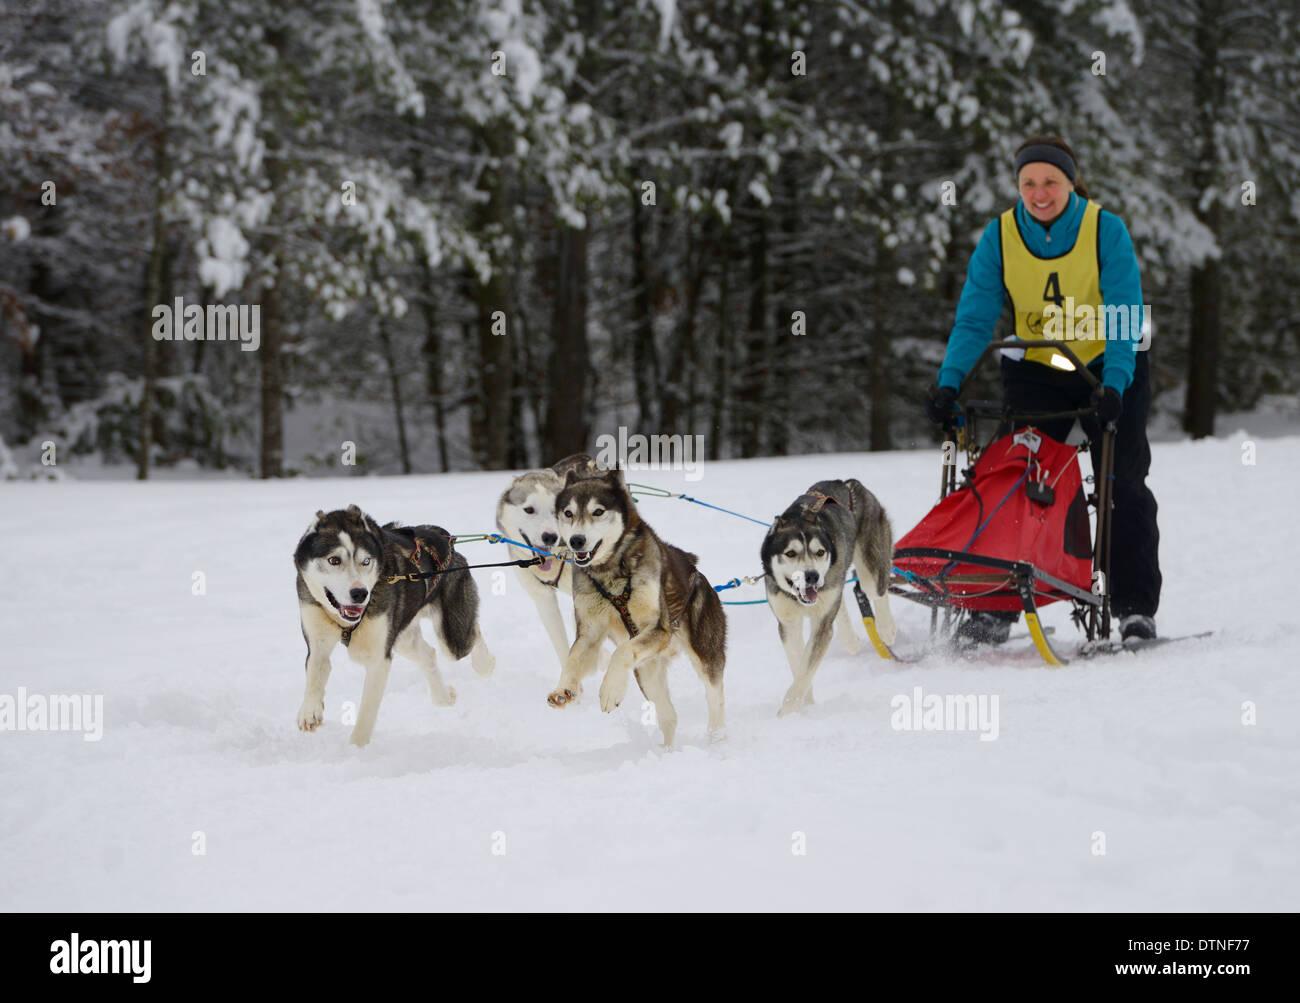 Femmina con musher huskies passando boschi innevati su quattro corsa di cani da slitta a eventi marmora snofest ontario Immagini Stock